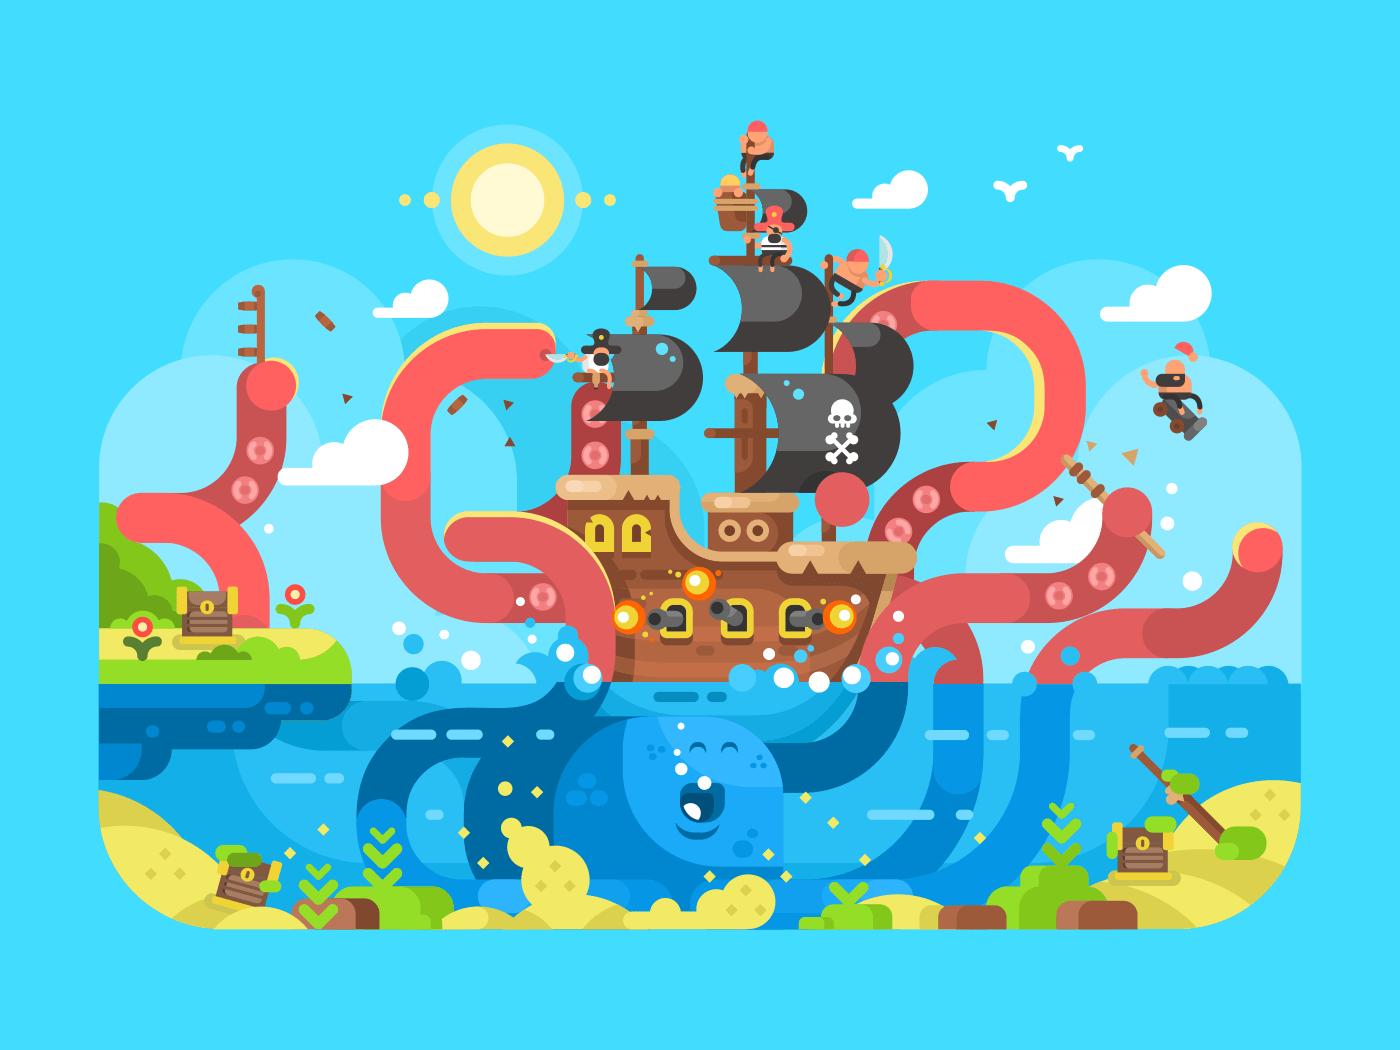 Kraken ship sinks flat vector illustration